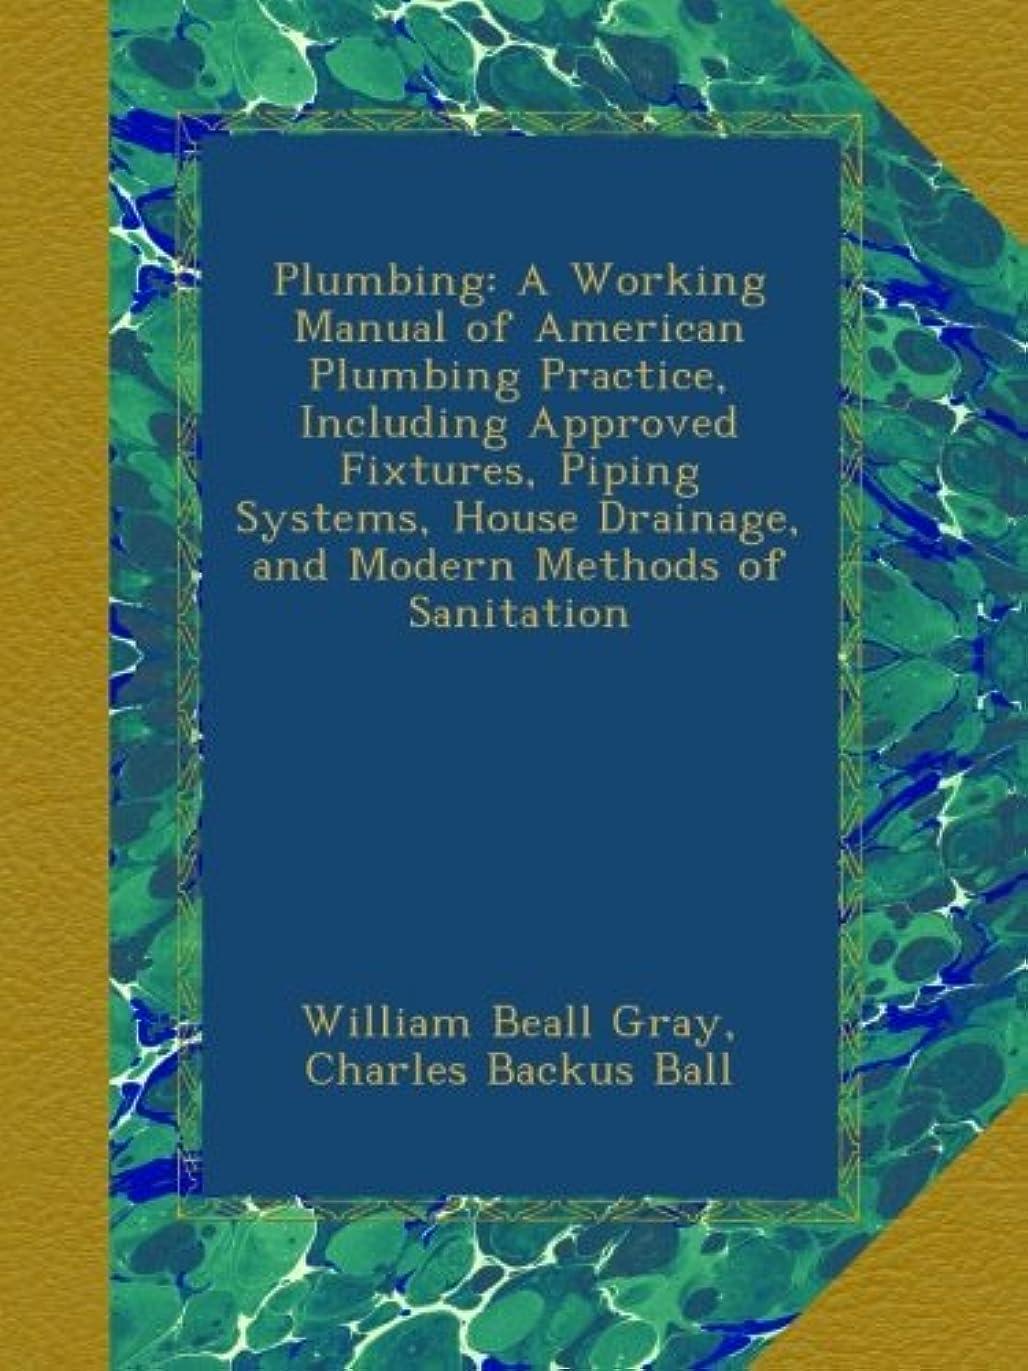 特徴づける原子炉鍔Plumbing: A Working Manual of American Plumbing Practice, Including Approved Fixtures, Piping Systems, House Drainage, and Modern Methods of Sanitation